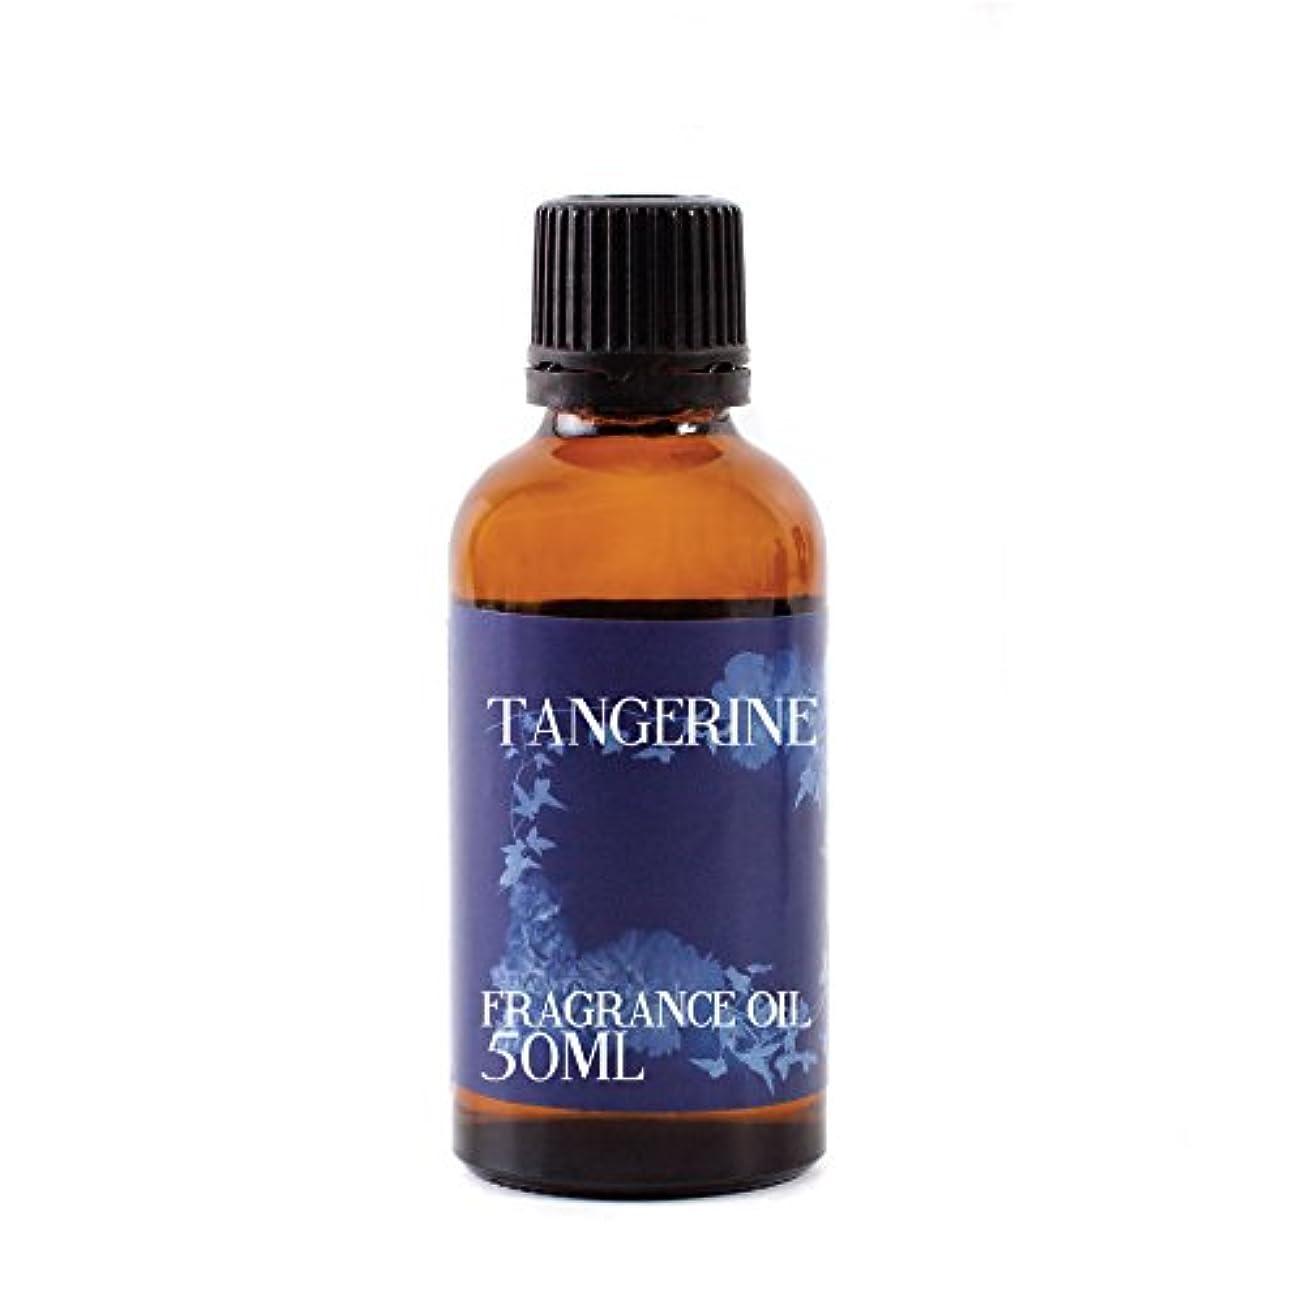 水分ワンダー使用法Mystic Moments | Tangerine Fragrance Oil - 50ml